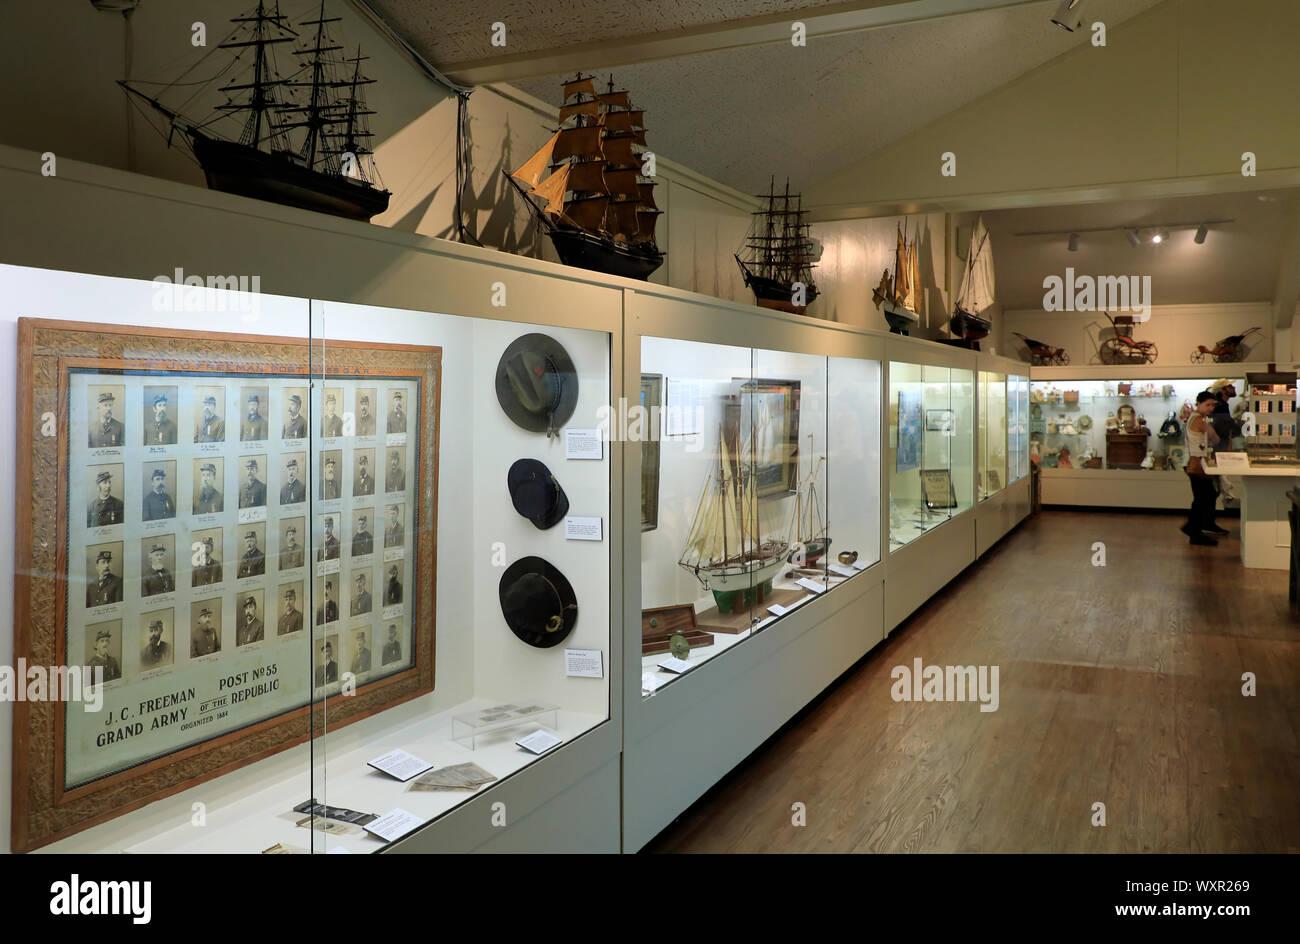 Innenansicht von Provincetown Museum innerhalb von Pilgrim Monument & Provincetown Museum Complex.Provincetown. Massachusetts. USA Stockfoto